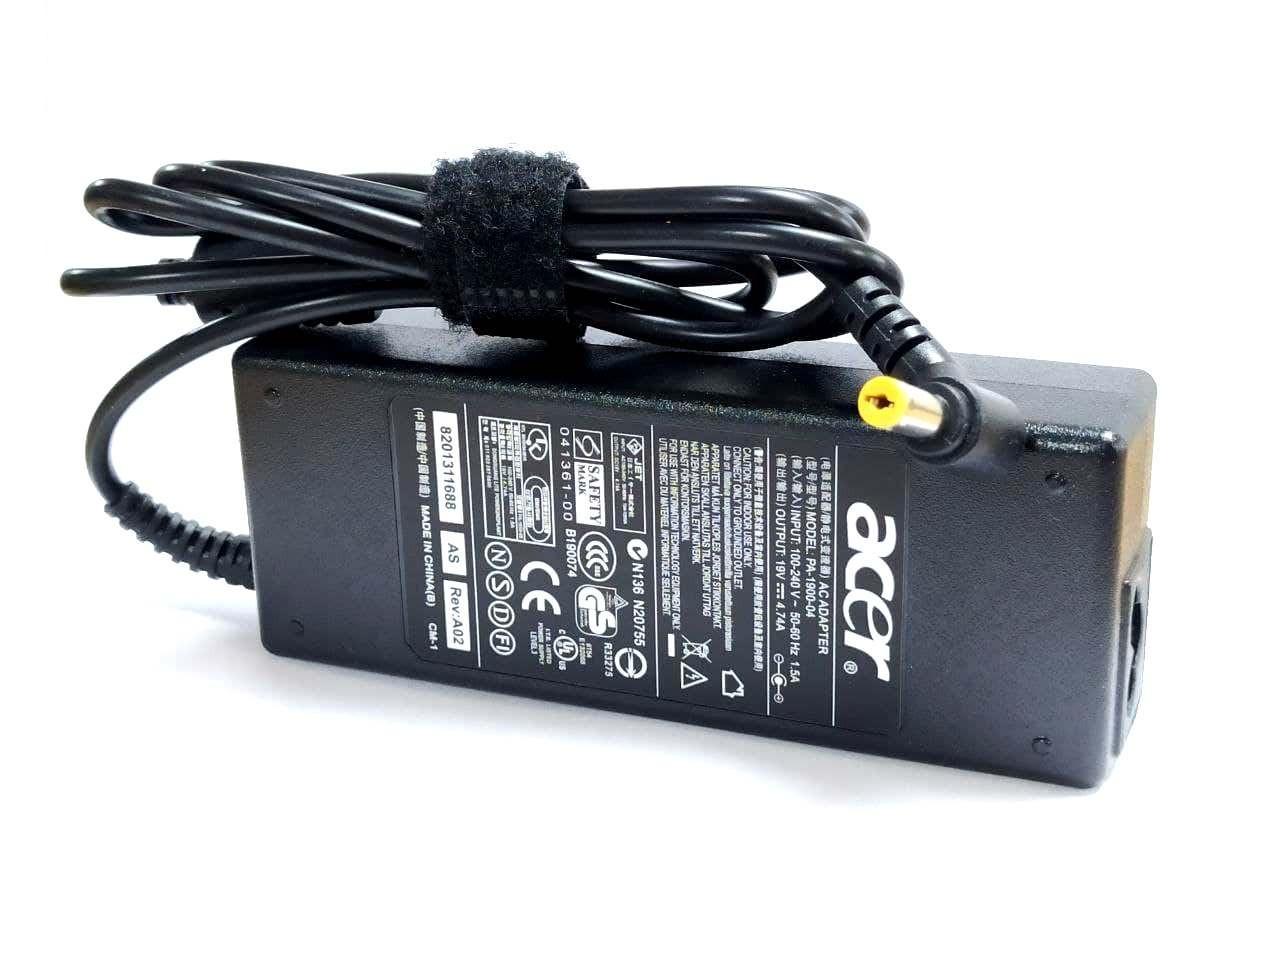 Блок питания для ноутбука Acer Aspire 8735G 19V 4.74A 90W